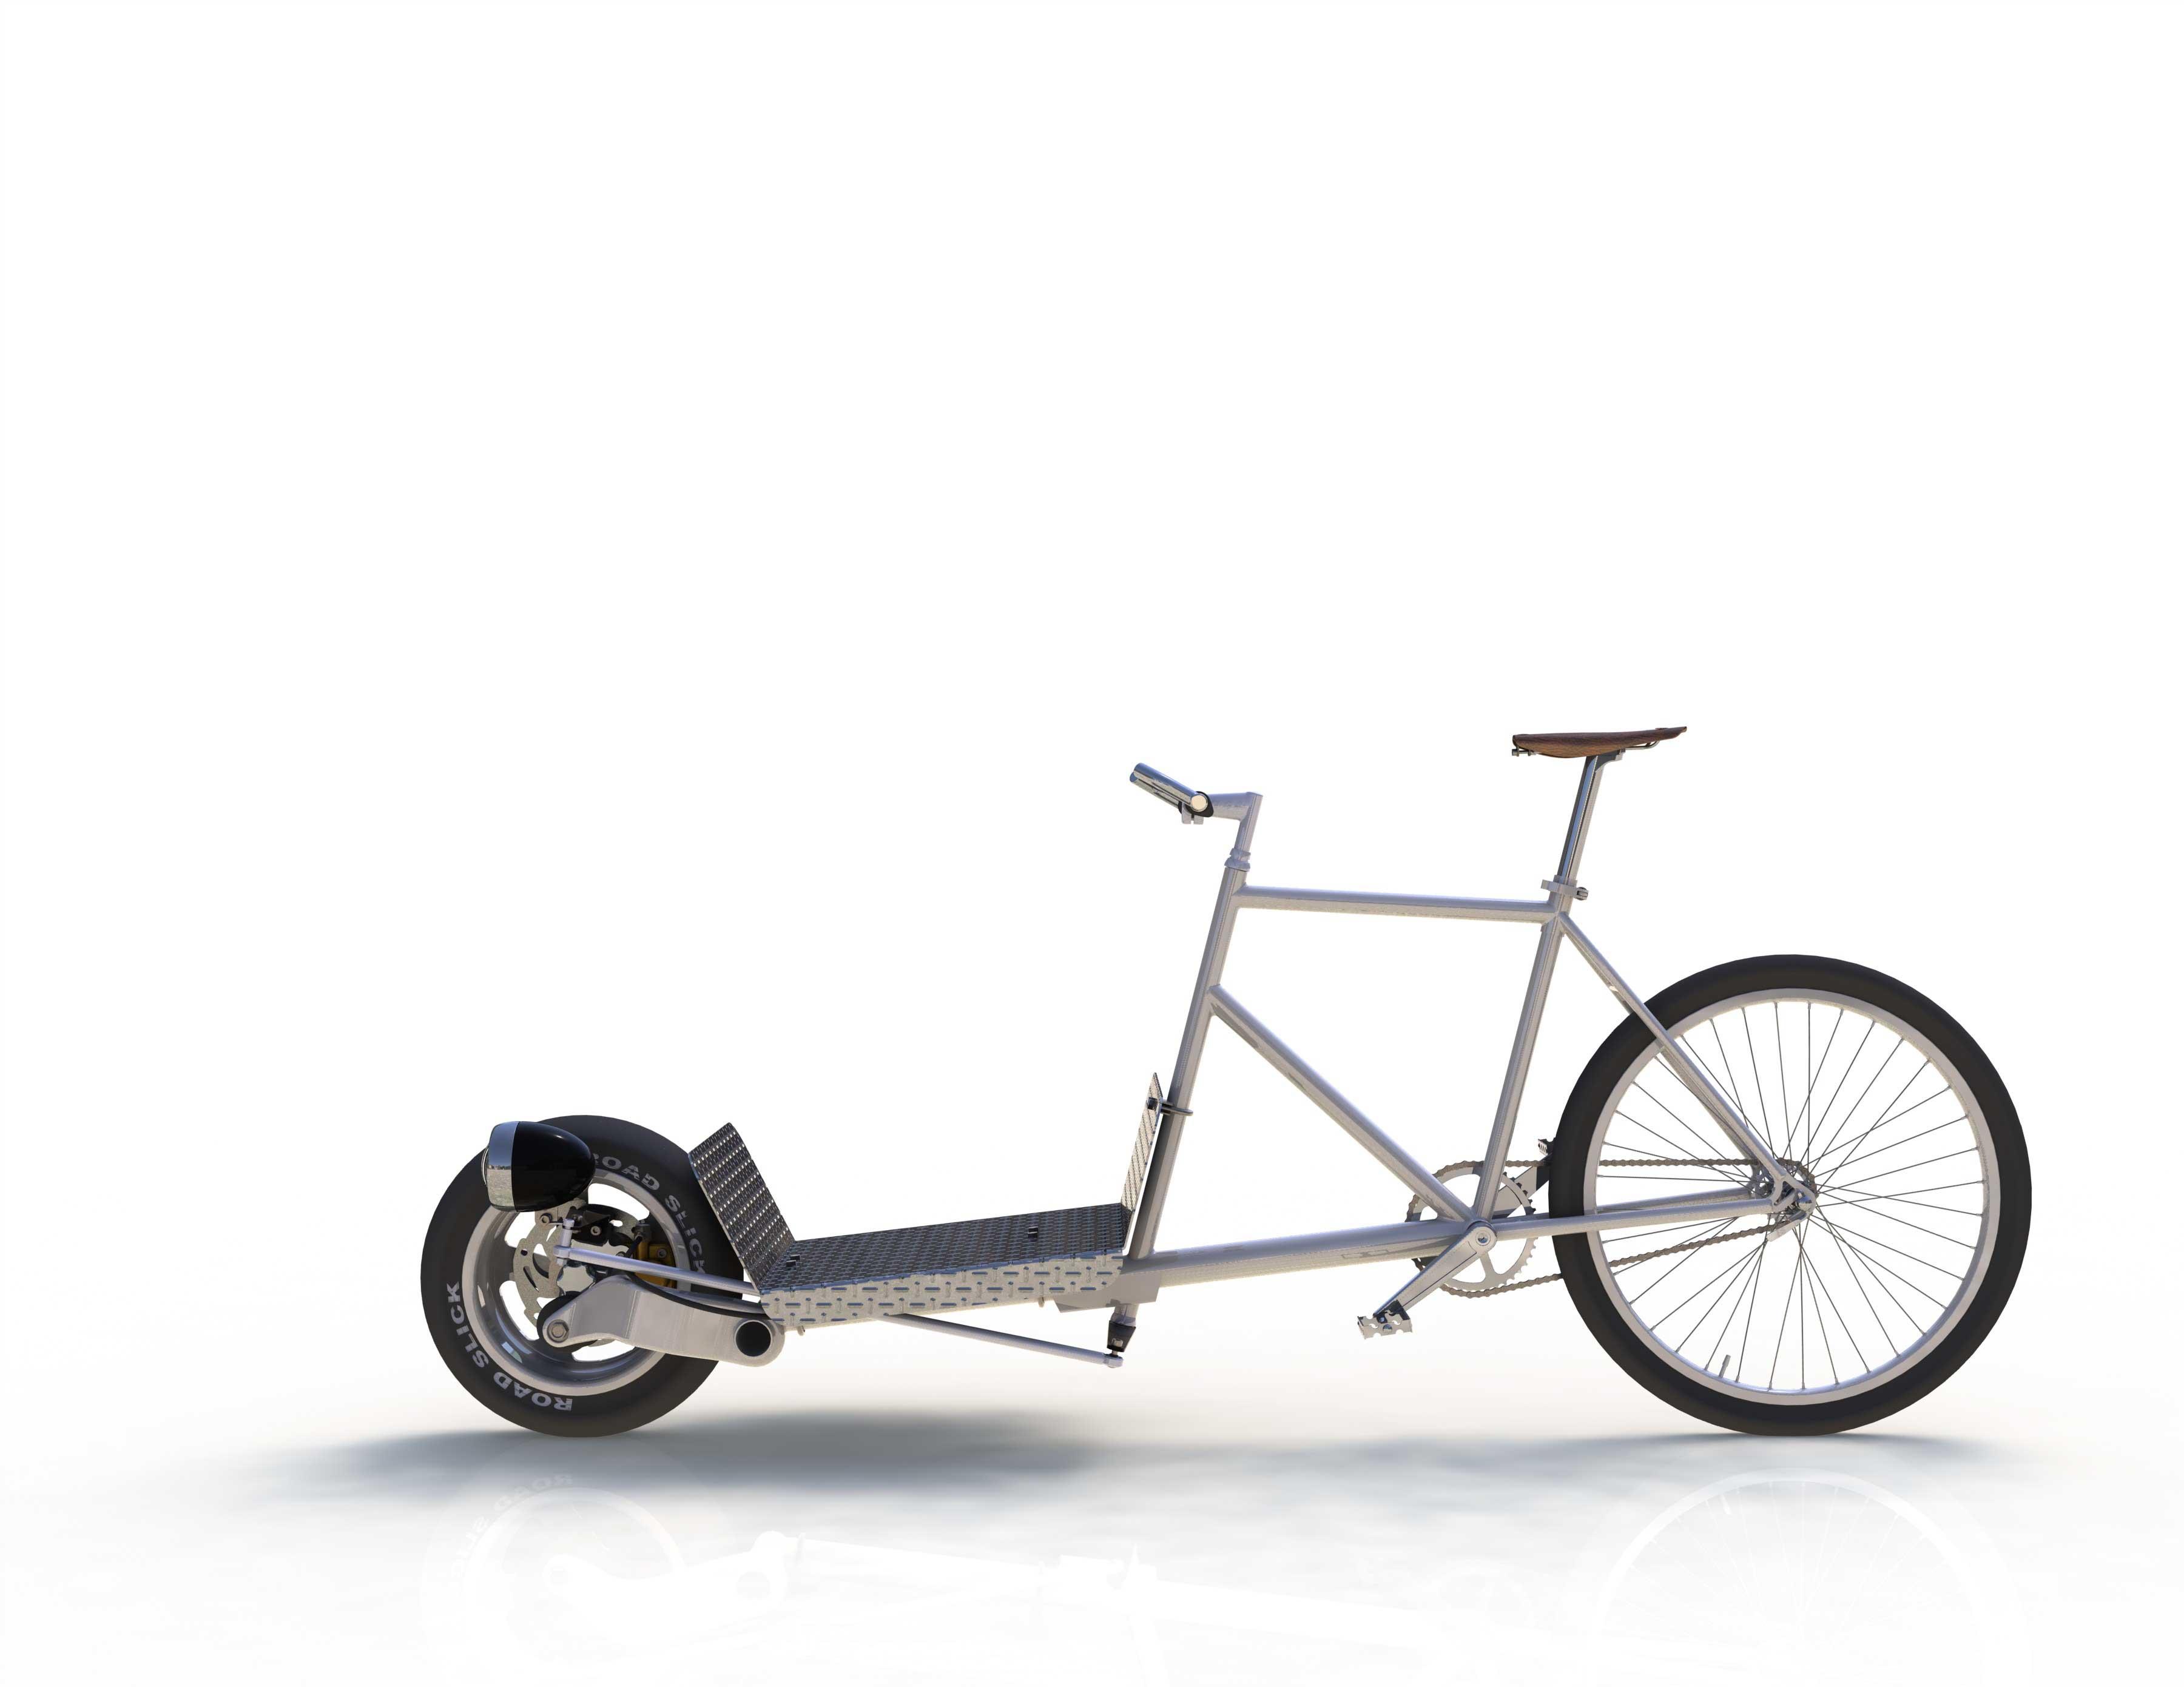 les vélos des autres > cargo auto-construit avec avant de scooter